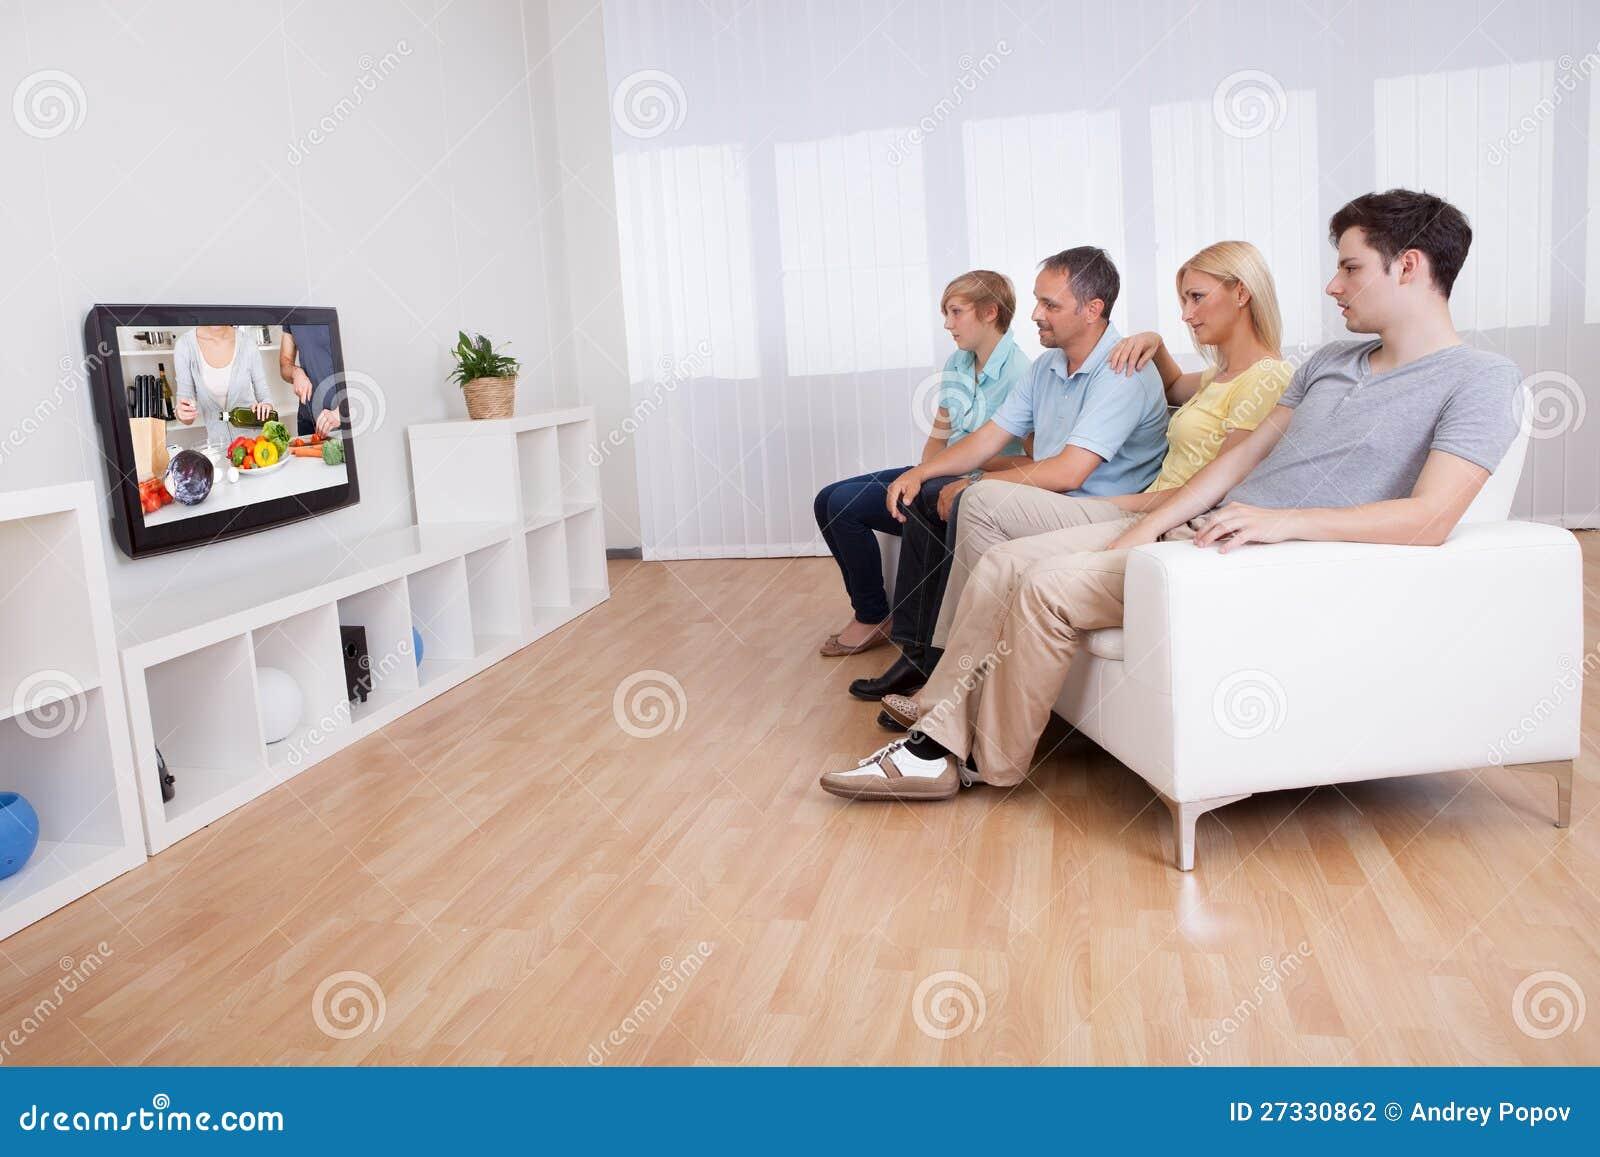 Dog Sitting Up Watching Tv